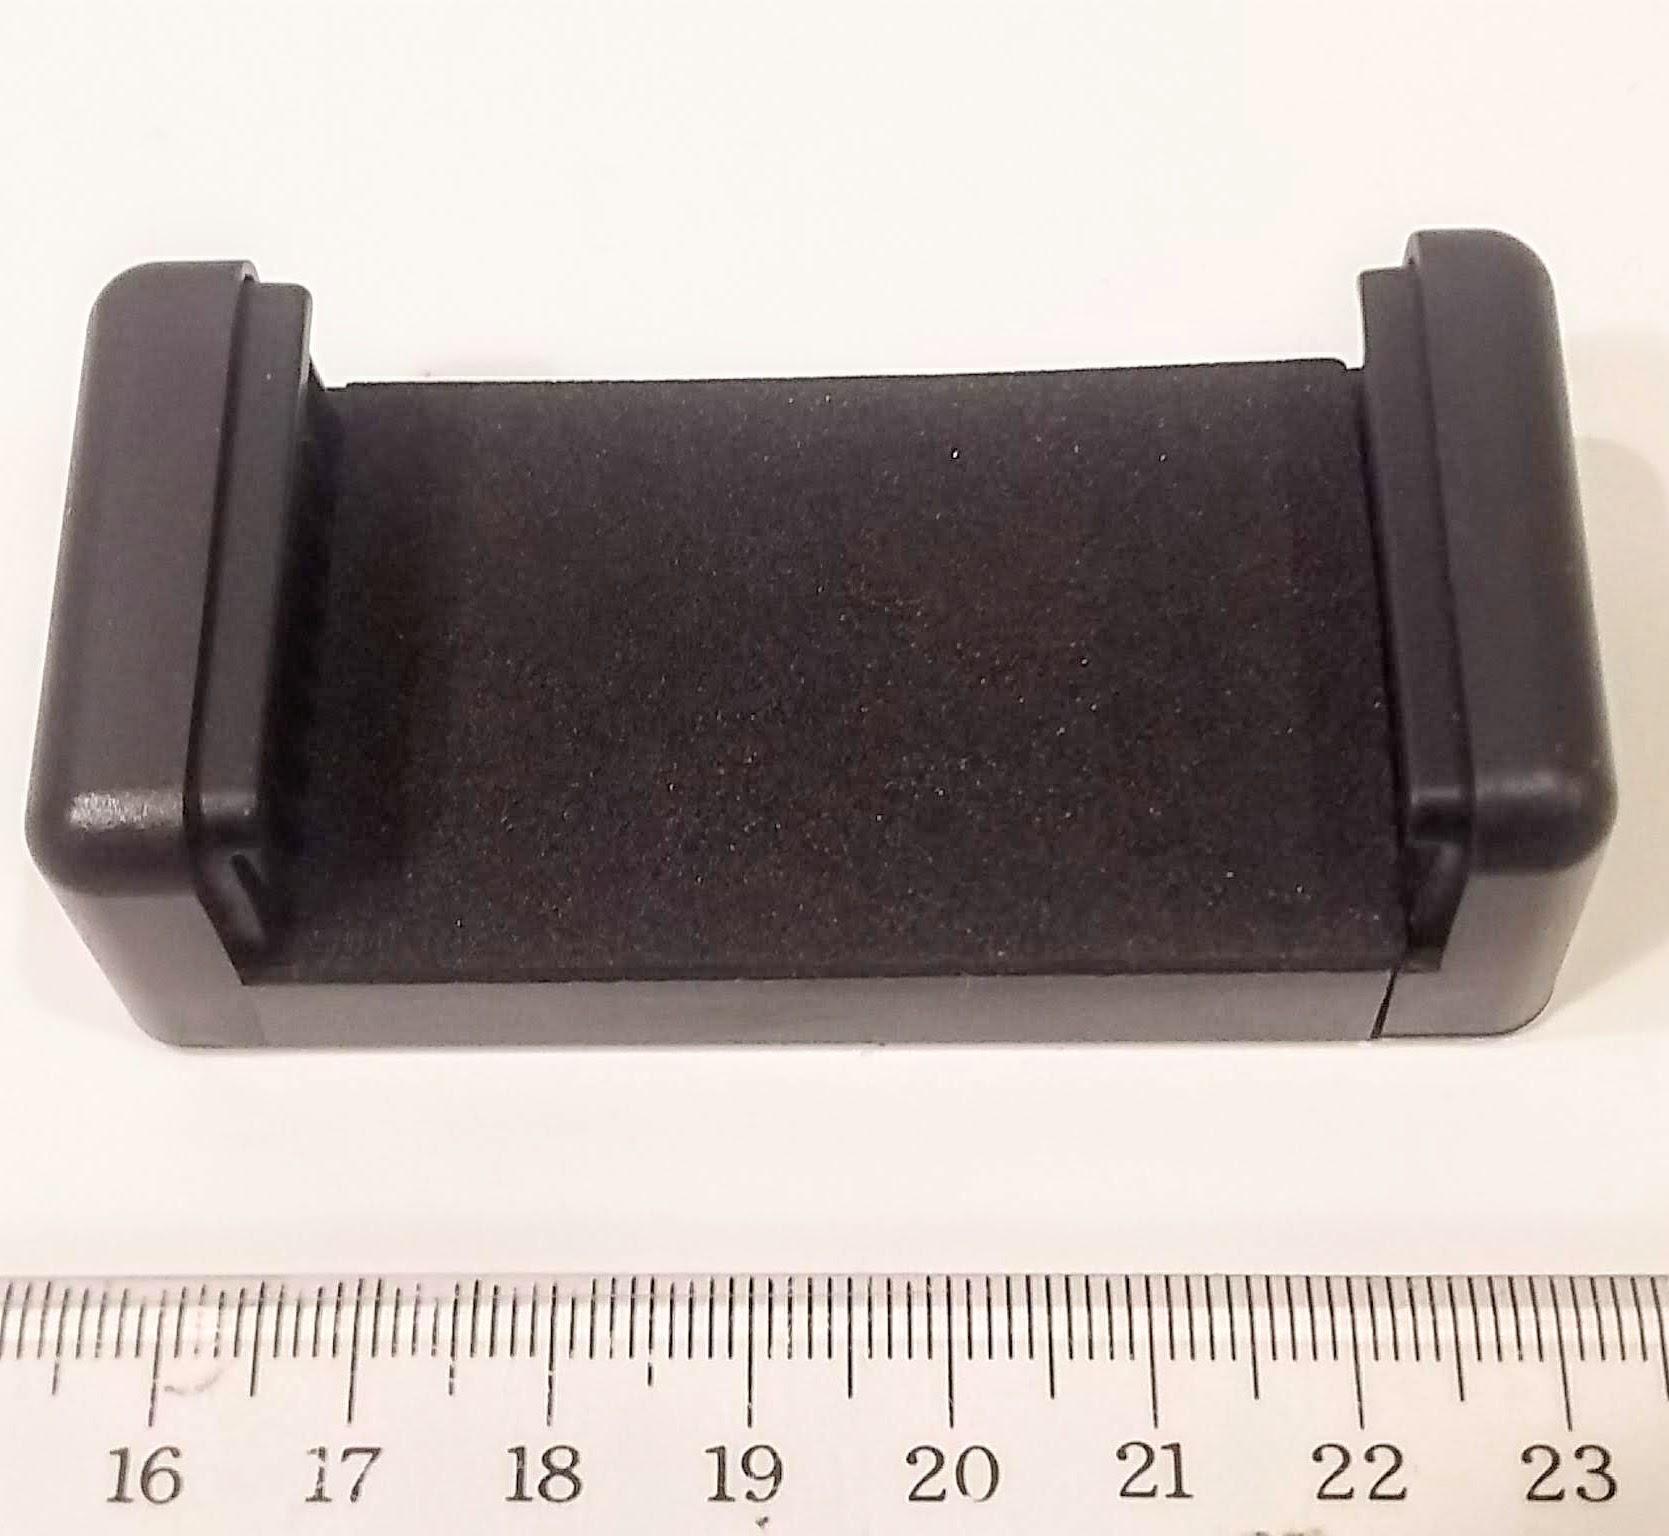 撮影に 携帯スマホの固定クリップスタンド用 雲台ネジ穴 選択 完全送料無料 縦横可